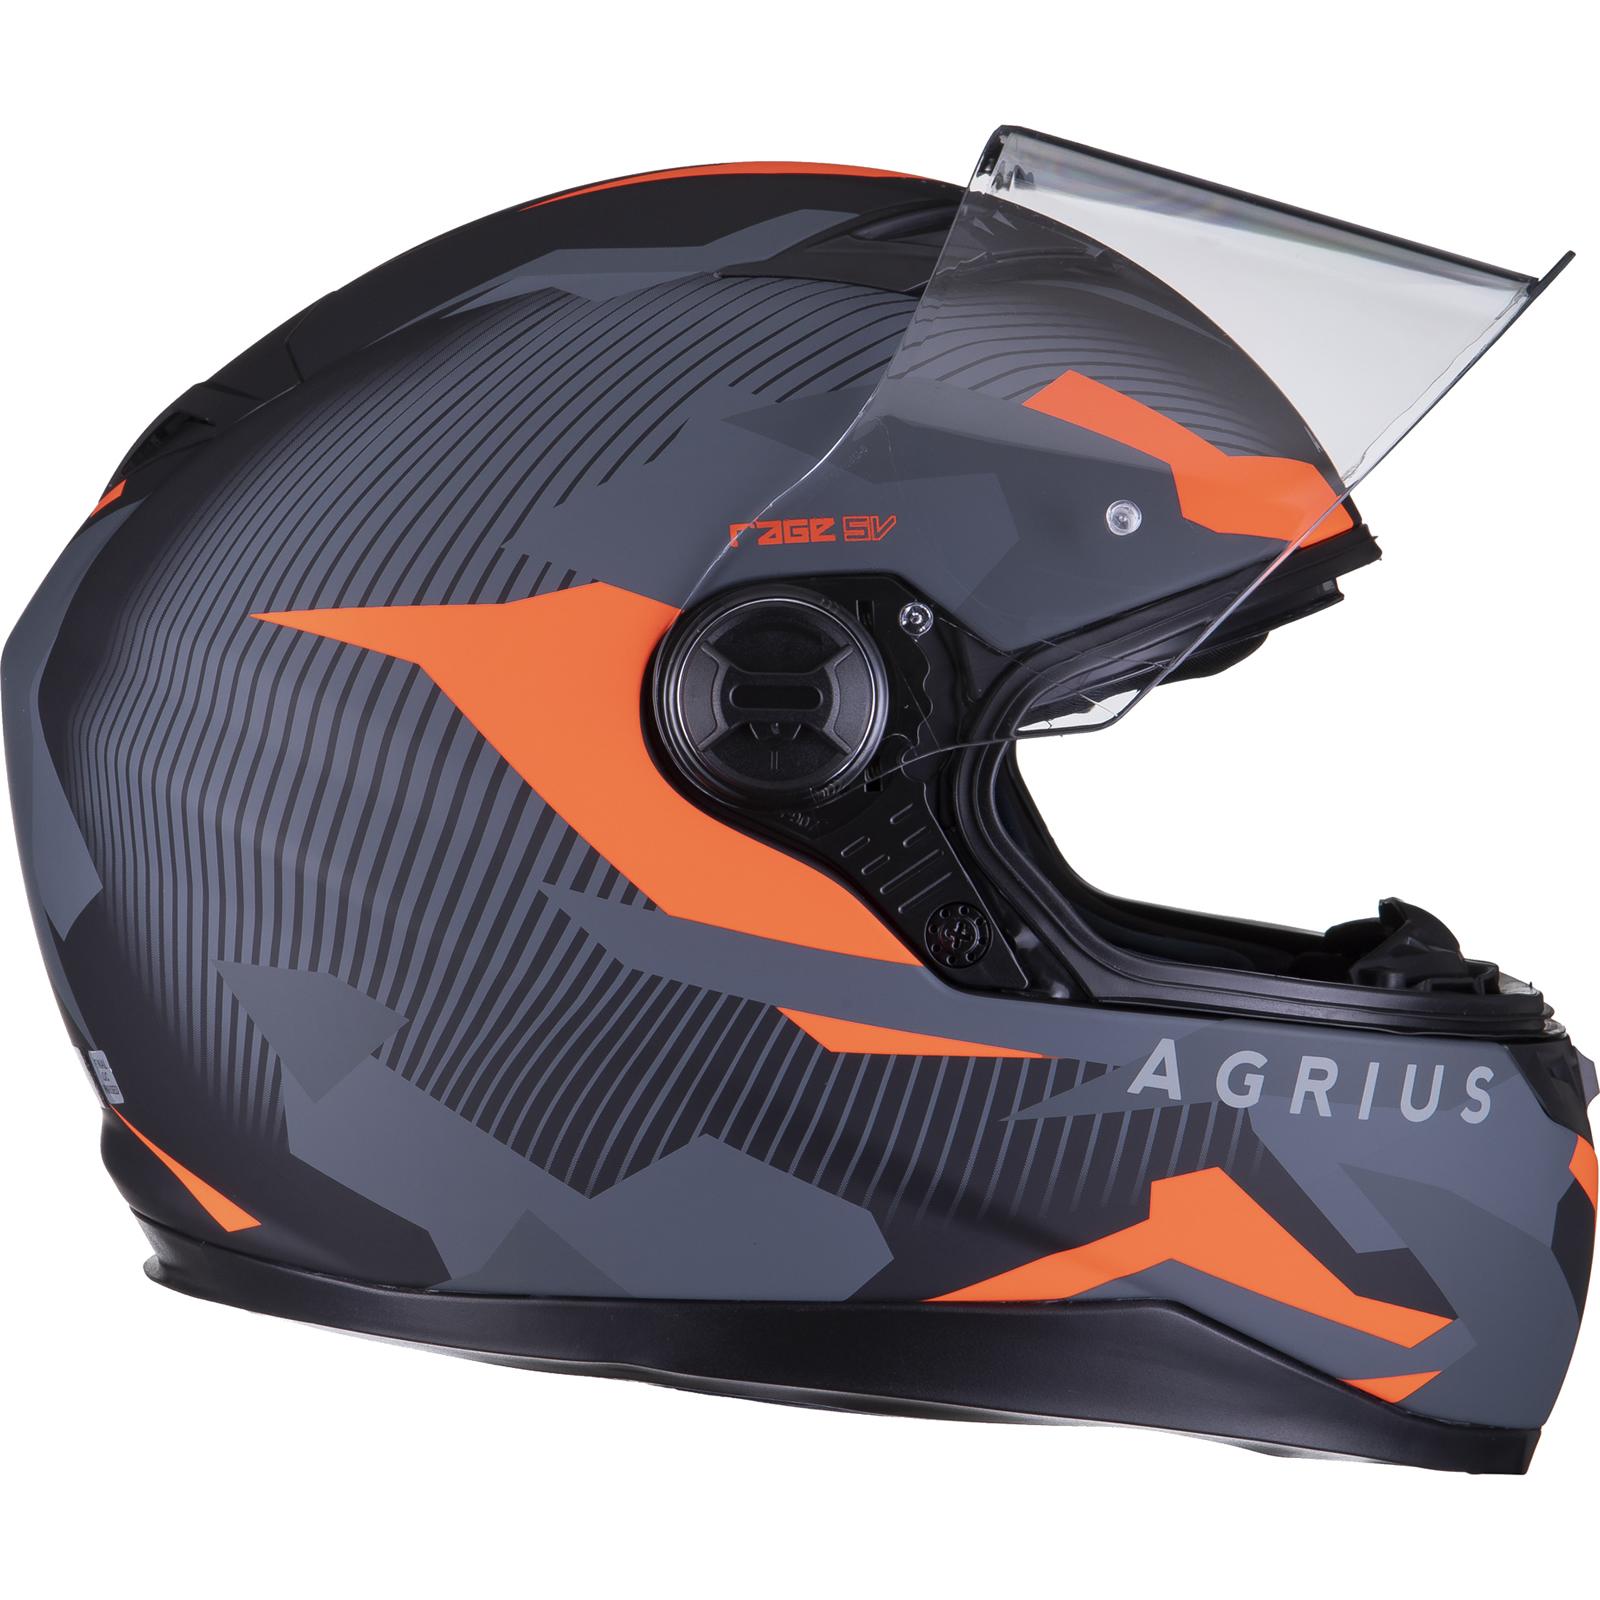 Agrius-Rage-SV-Tracker-Full-Face-Motorcycle-Matt-Helmet-bike-Road-Bike-Scooter thumbnail 34